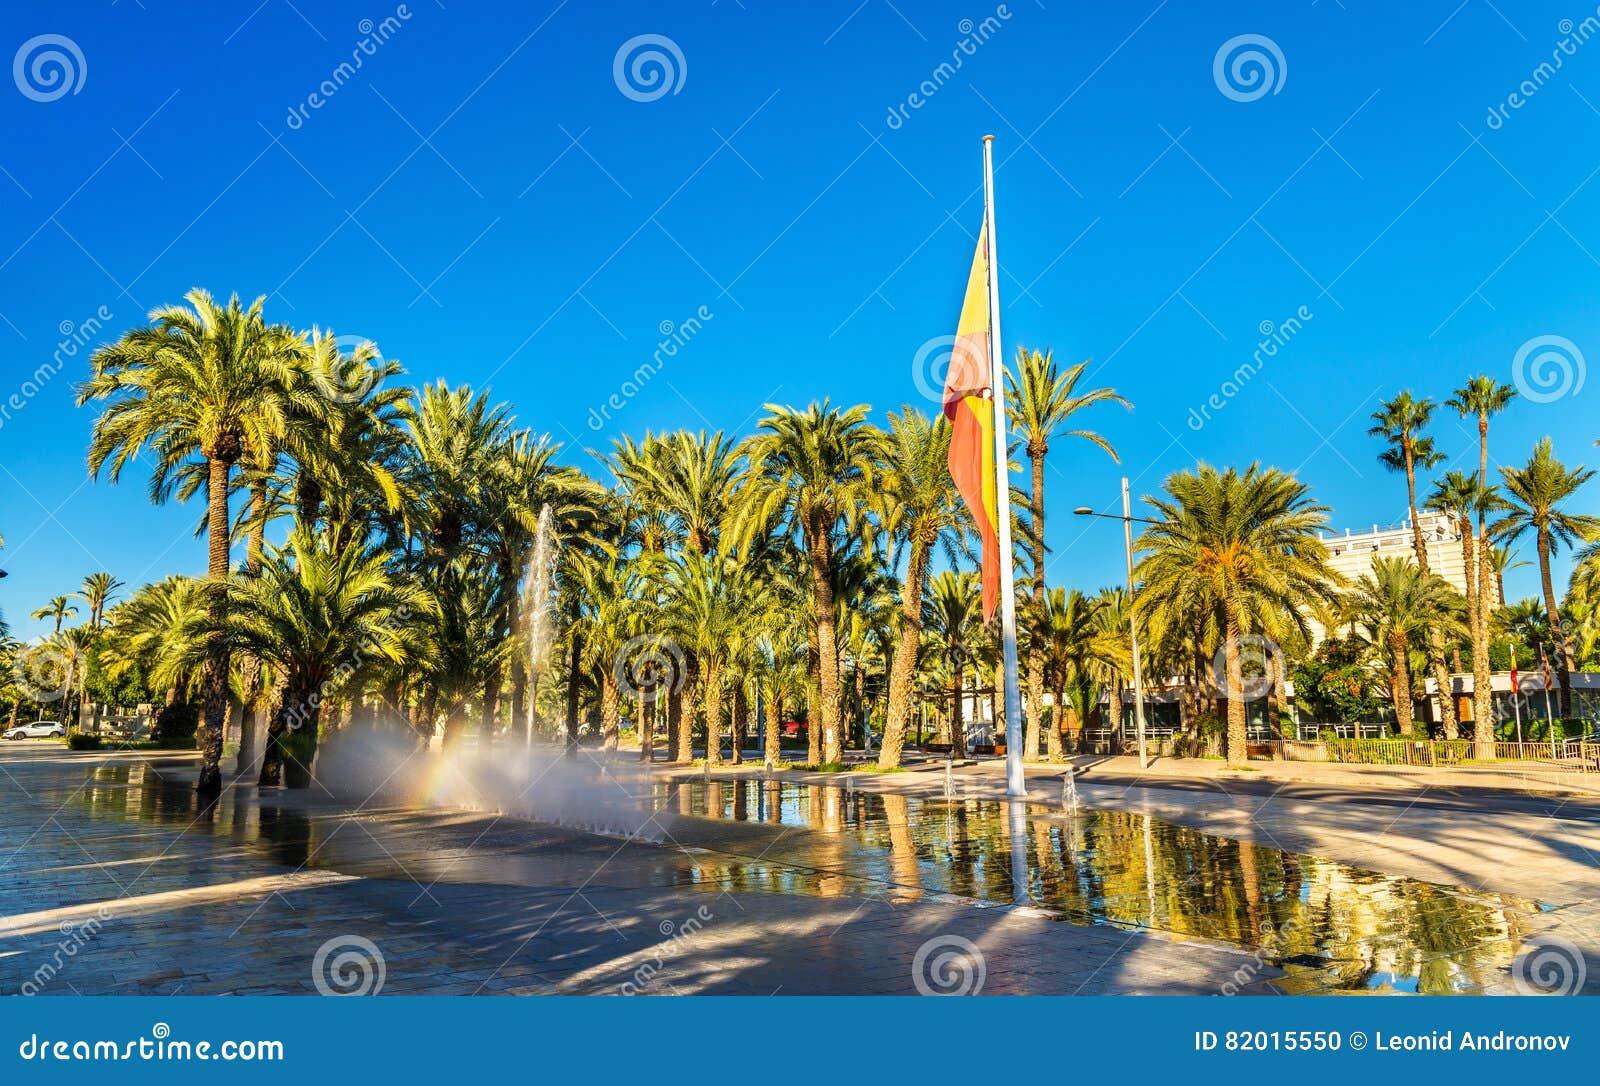 Palmeral von Elche, Spanien Rom, Italien, Europa